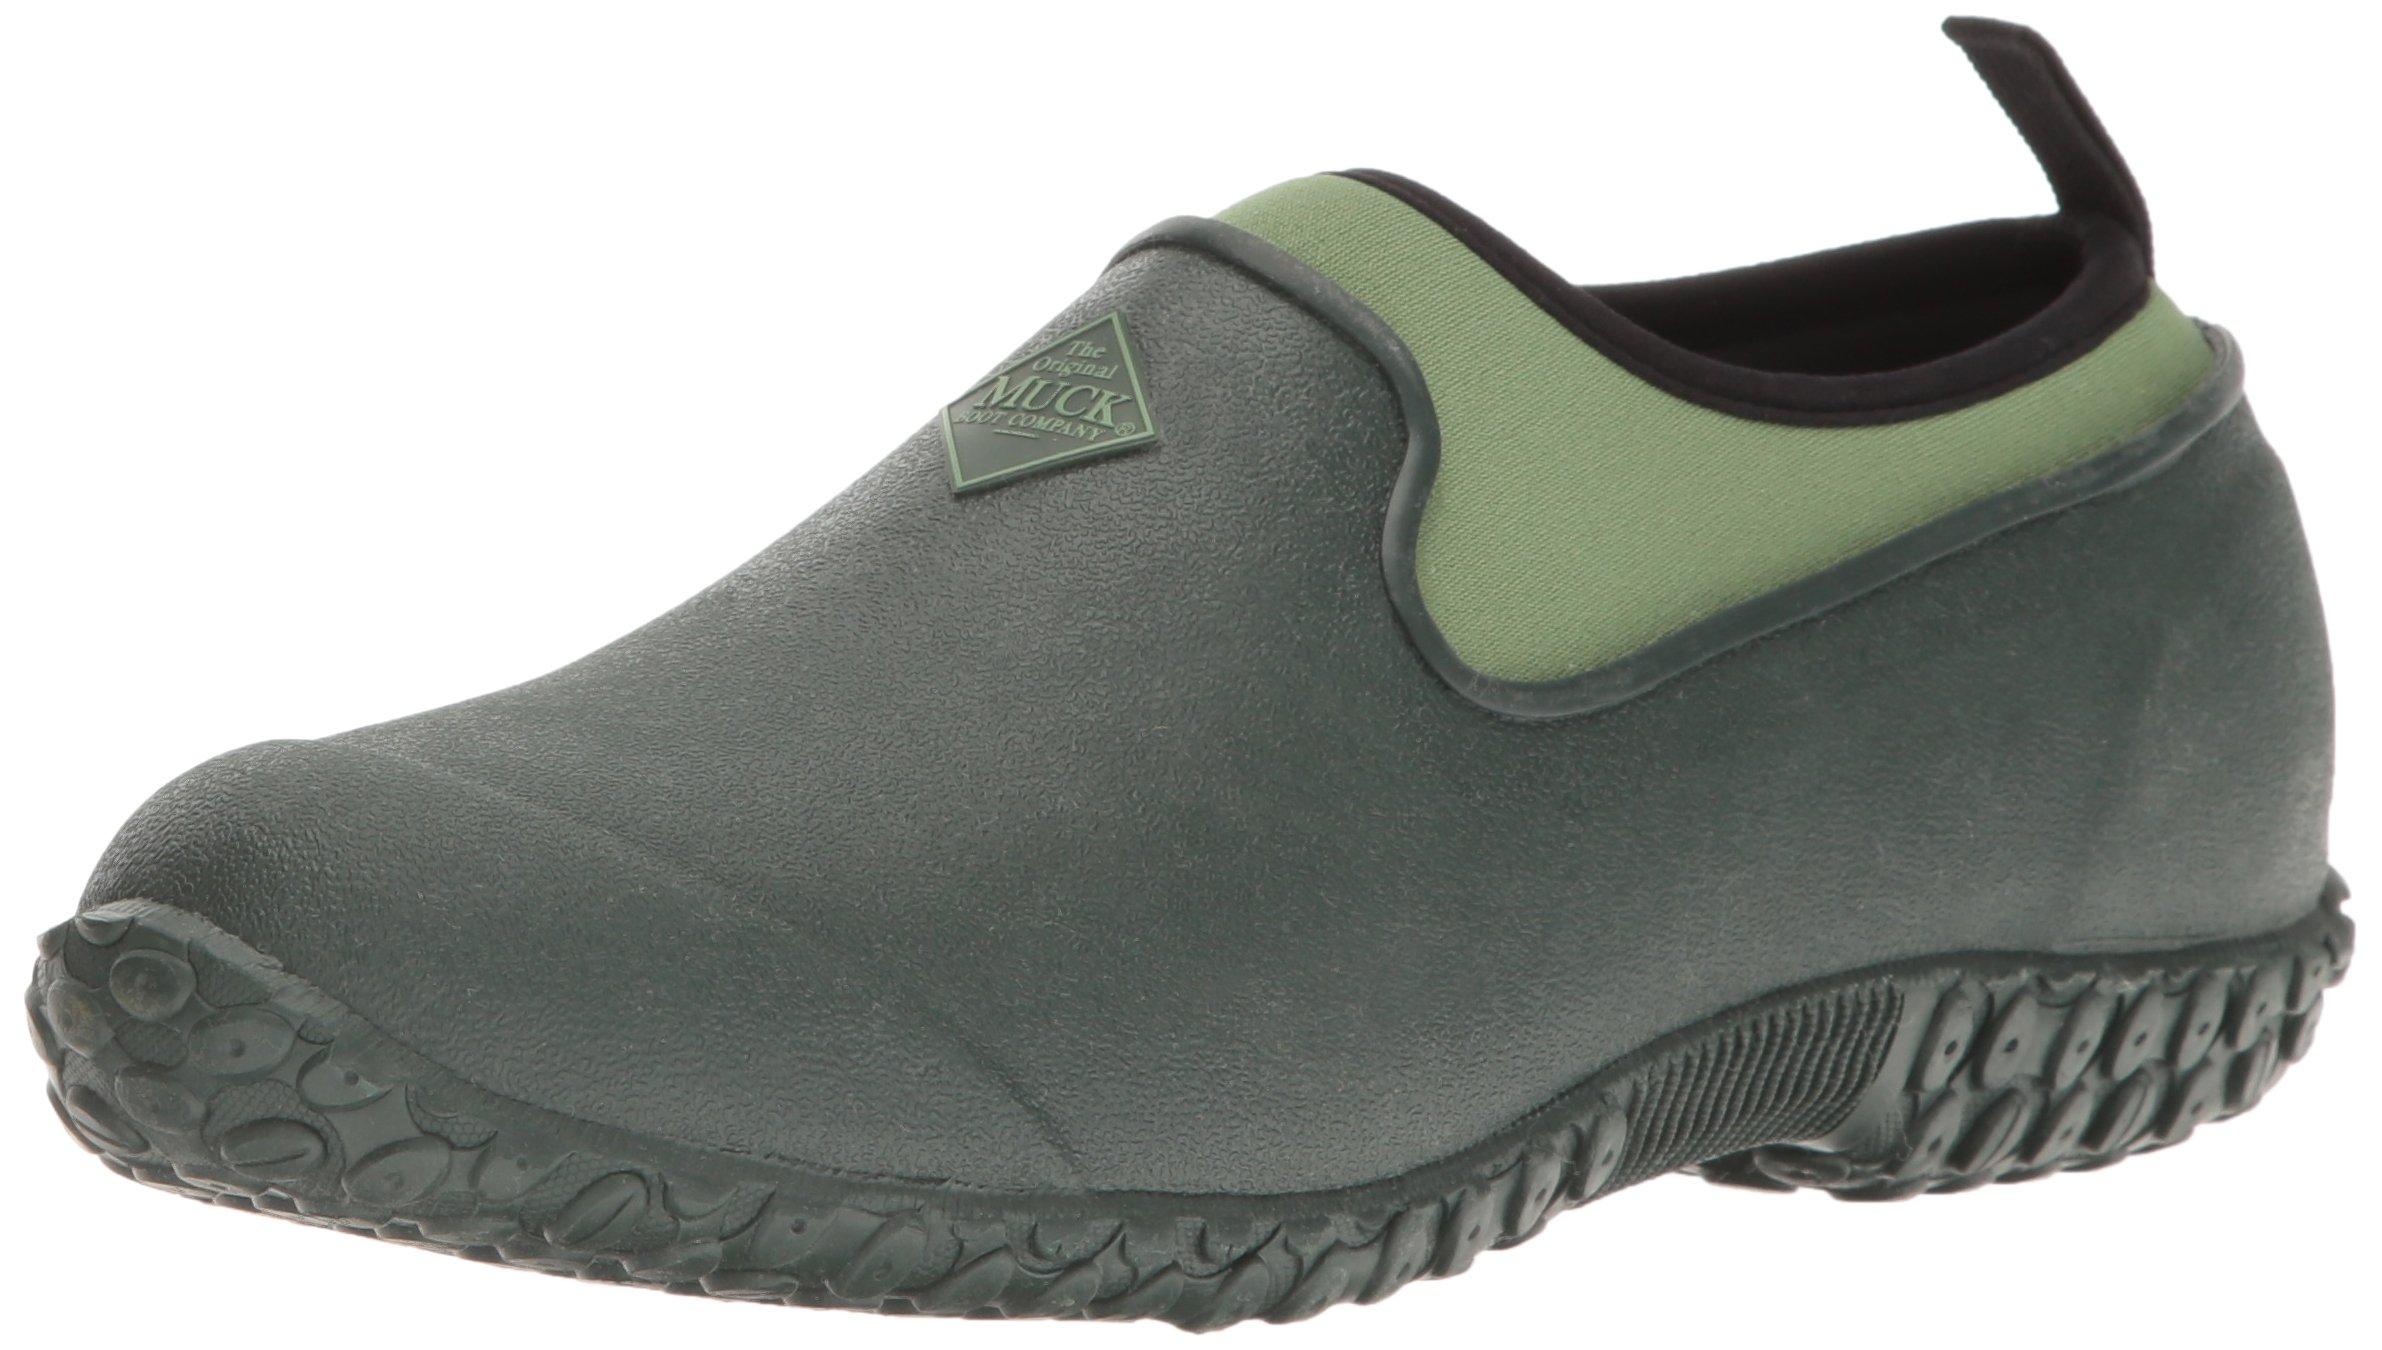 Muckster ll Women's Rubber Garden Shoes,Green,8M US by Muck Boot